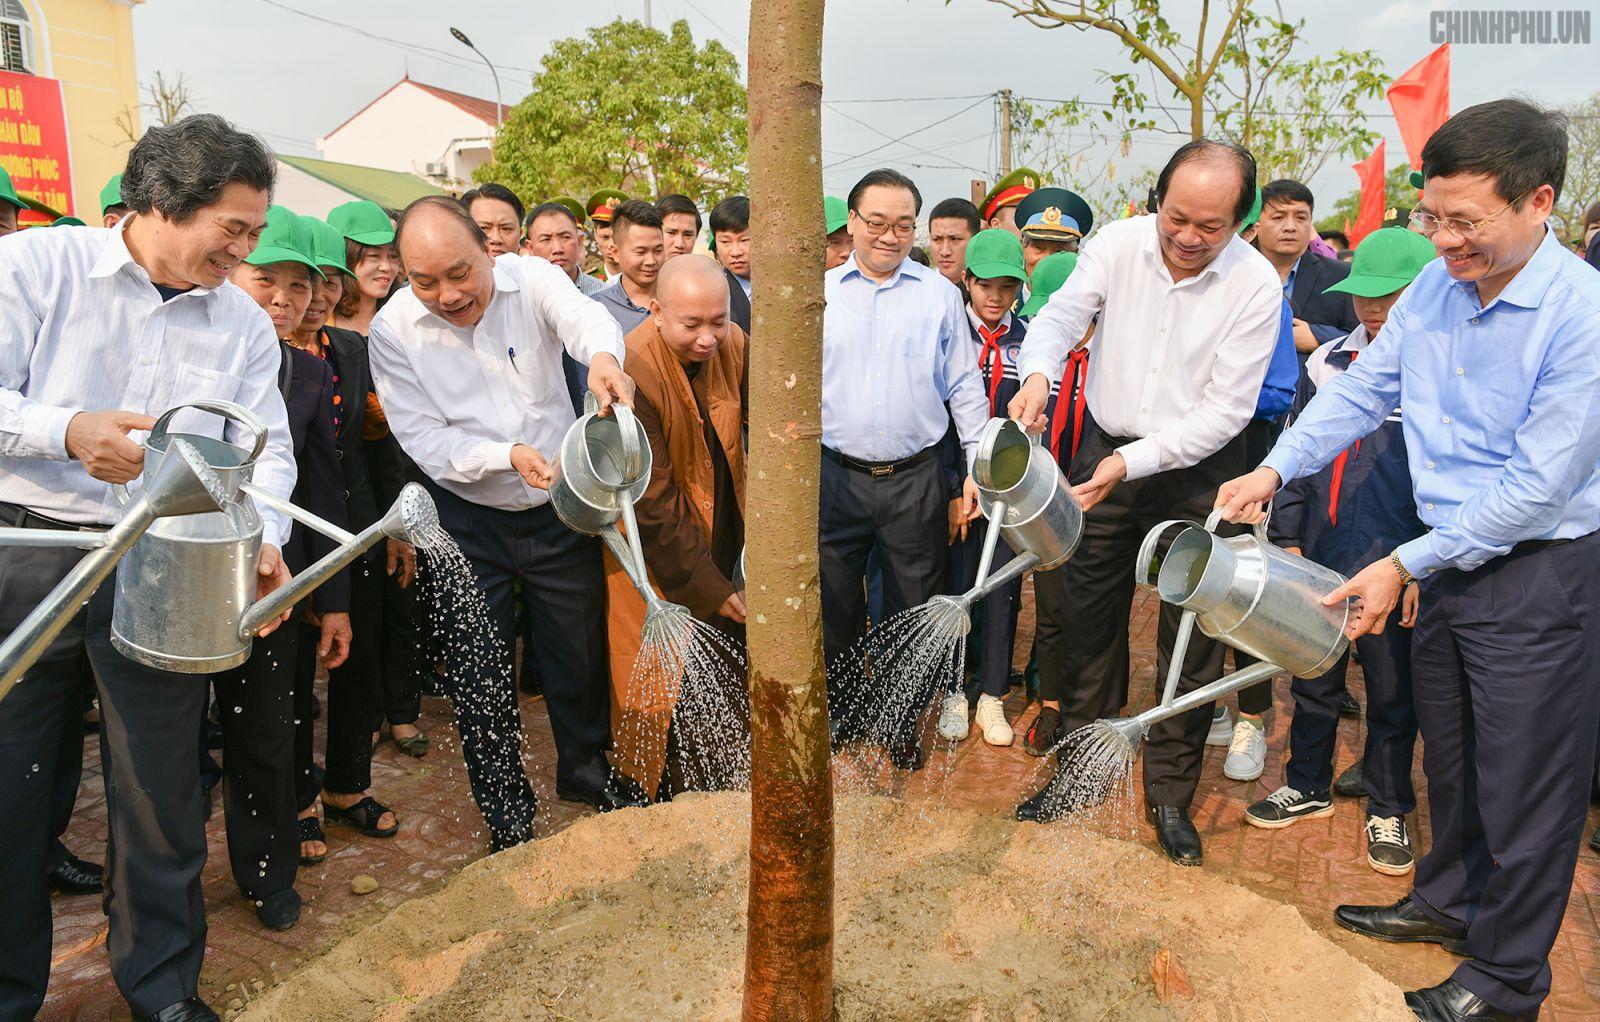 Thủ tướng Nguyễn Xuân Phúc tại Lễ phát động. Ảnh: VGP/Quang Hiếu